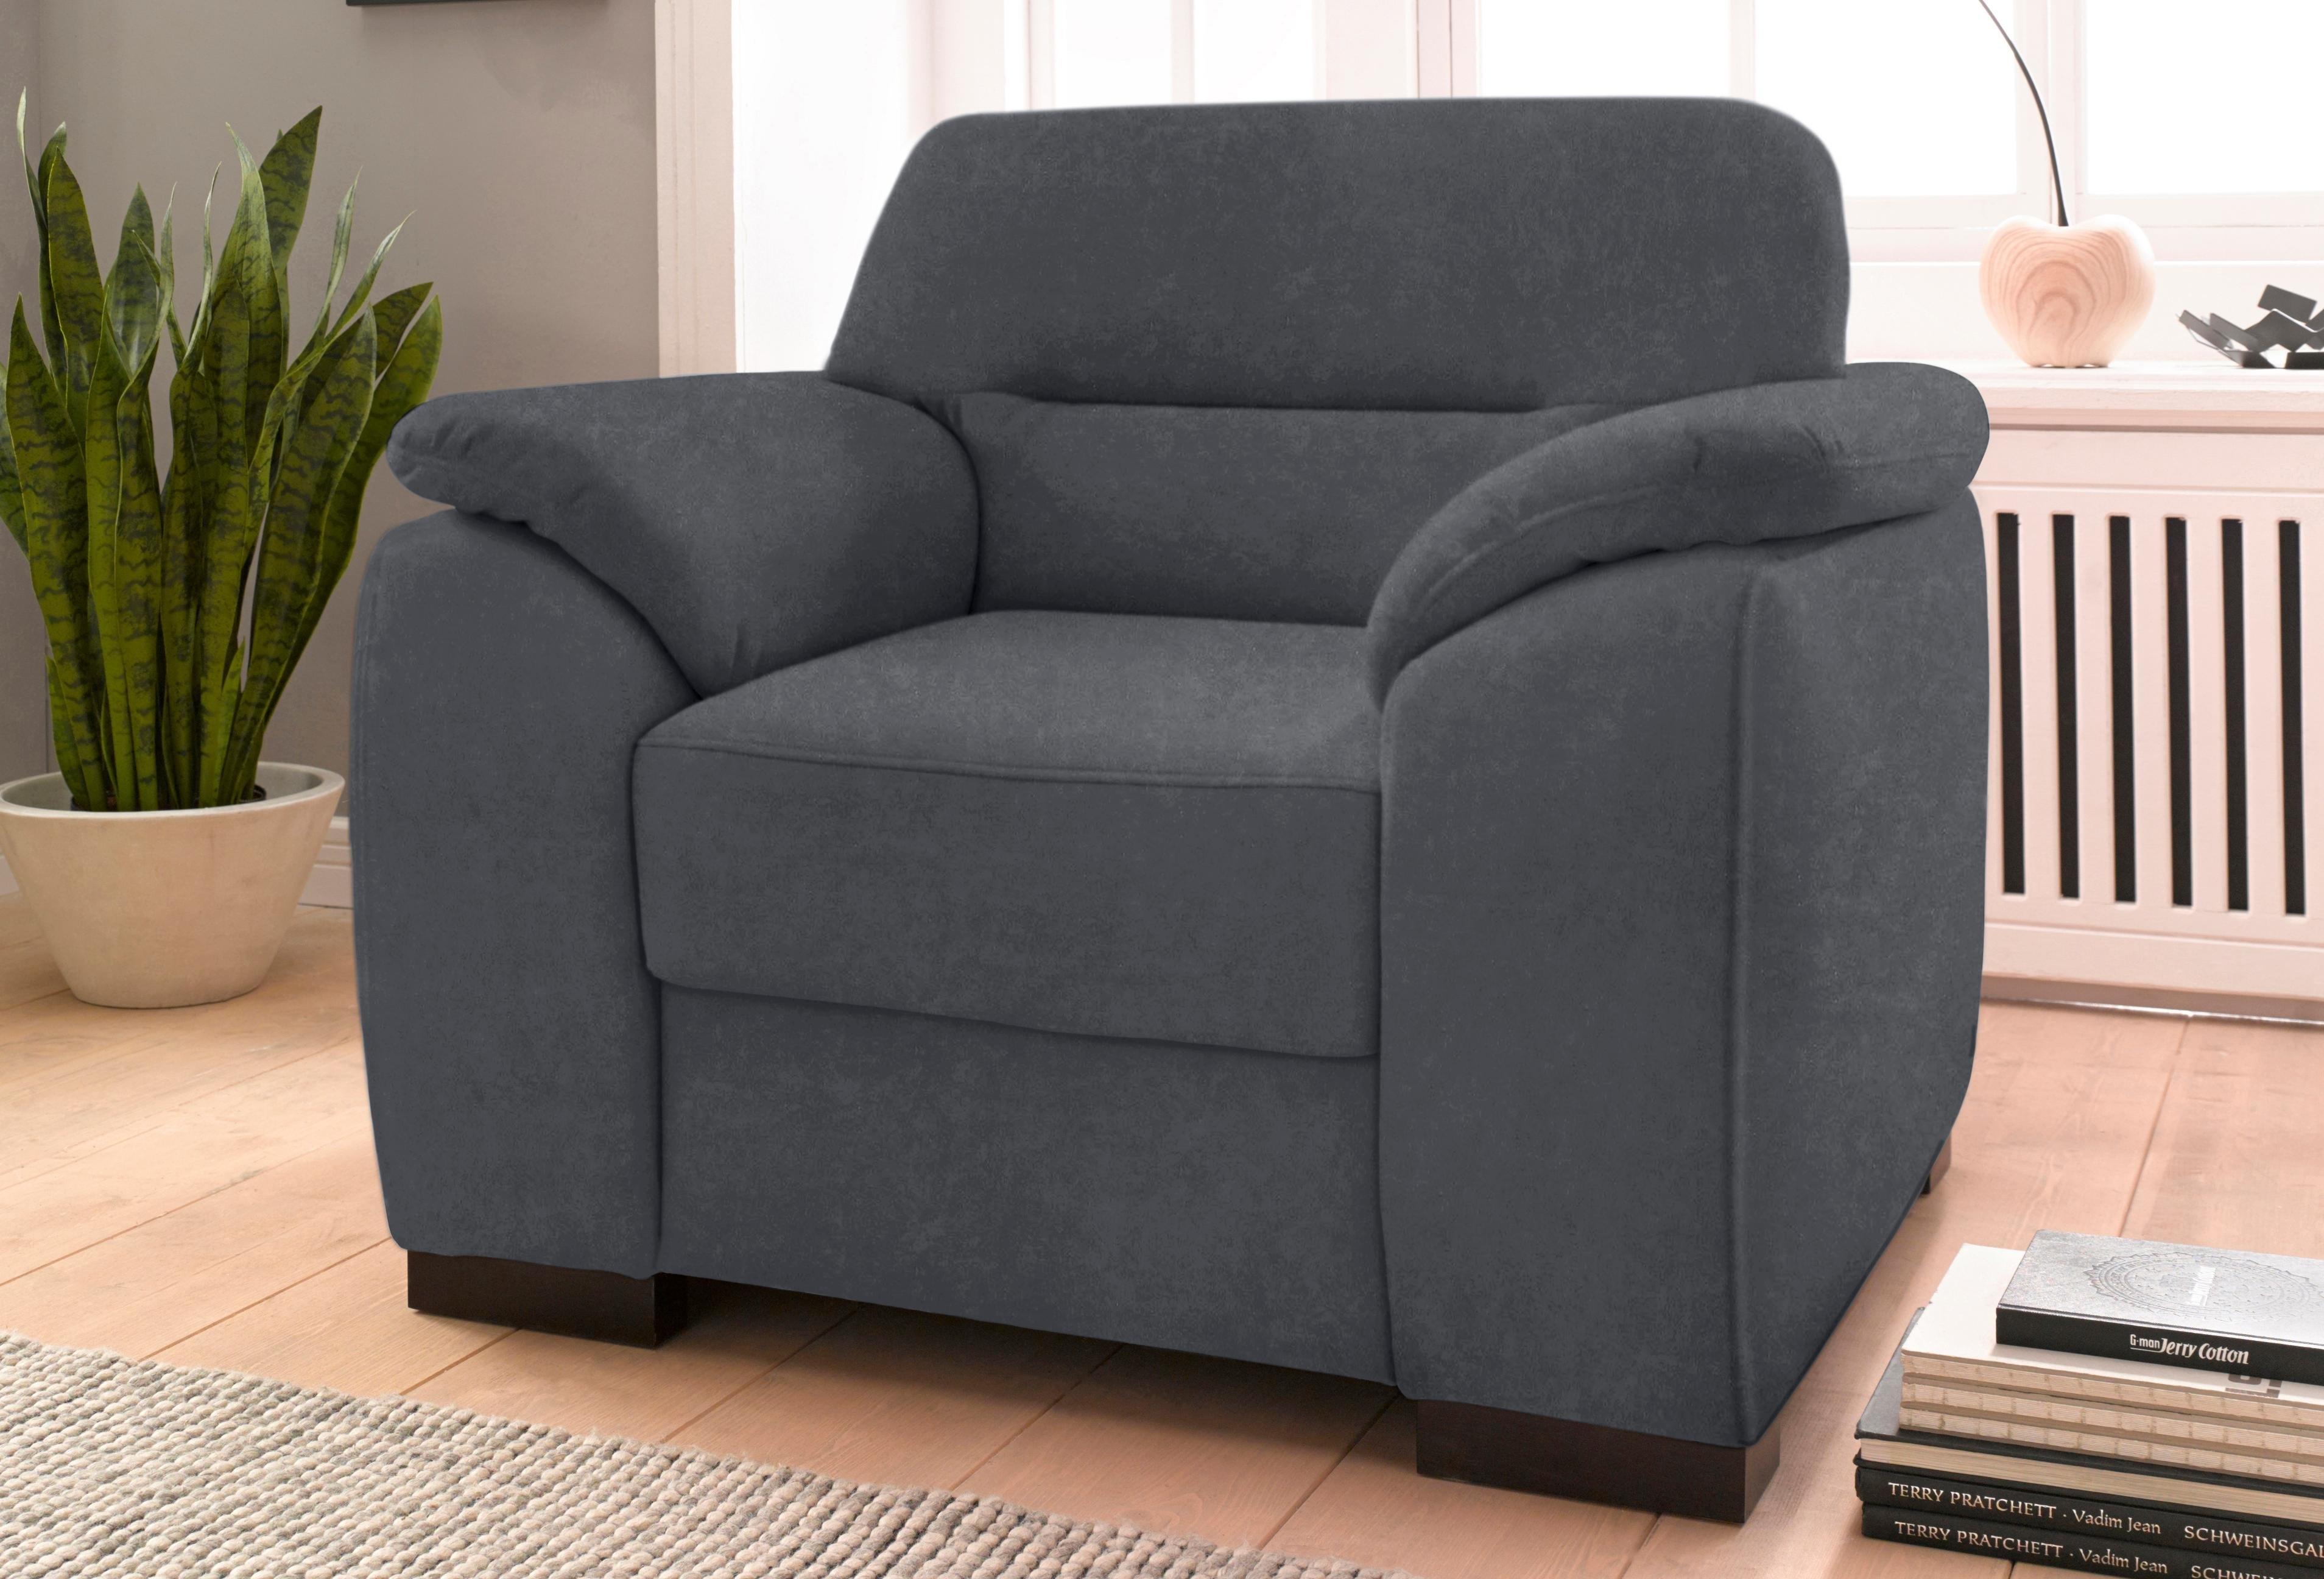 sit&more fauteuil met binnenvering online kopen op otto.nl